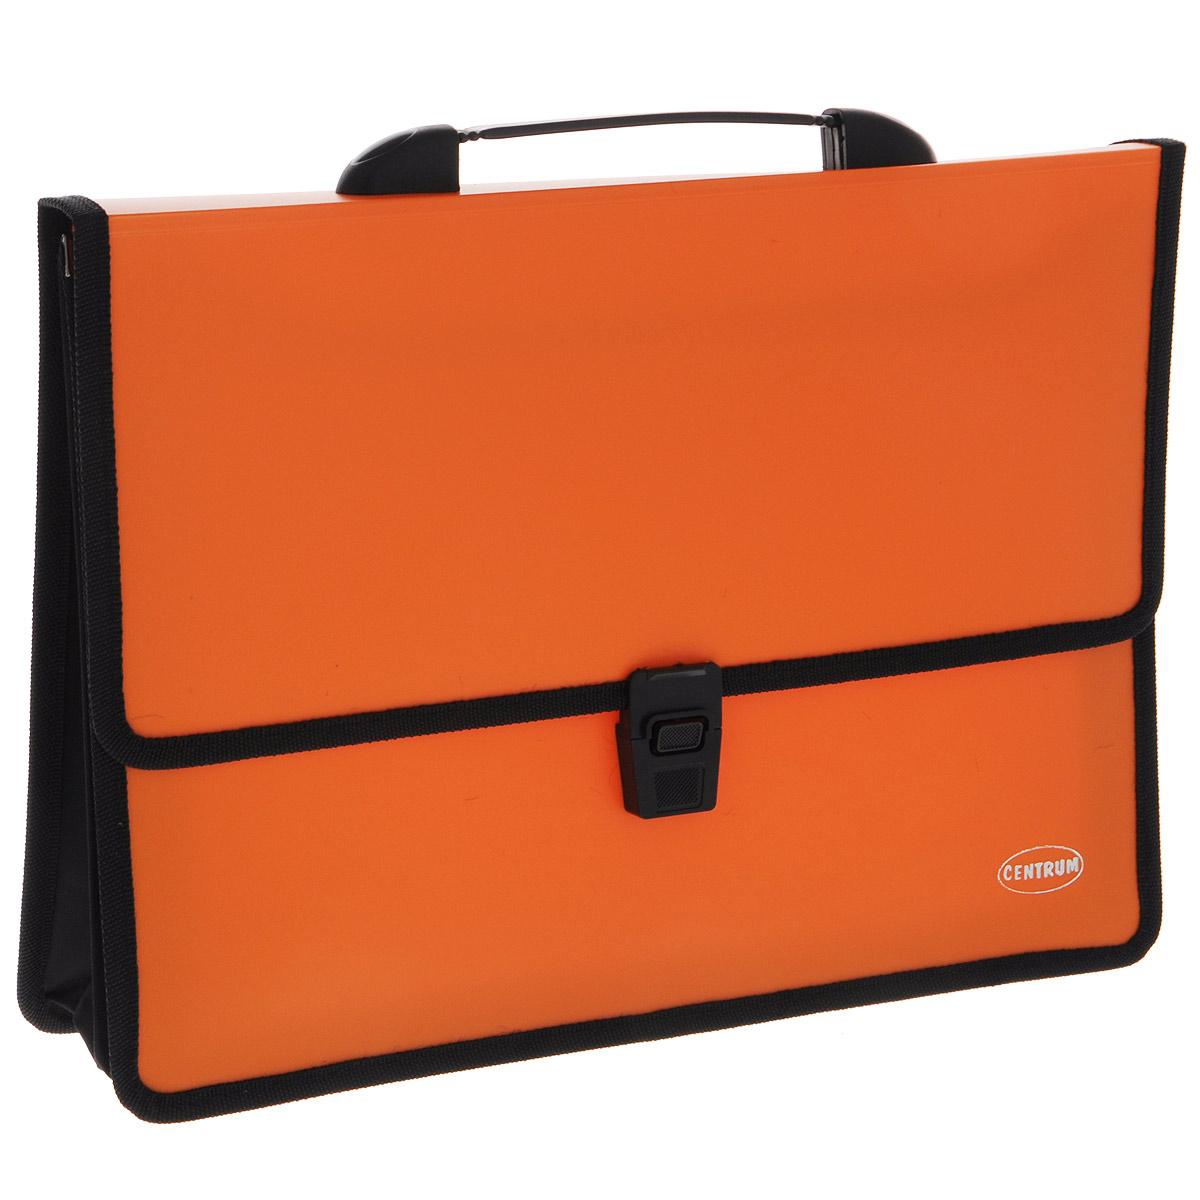 Папка-портфель Centrum, с ручкой, цвет: оранжевый80610 оранжевыйПапка-портфель Centrum станет вашим верным помощником дома и в офисе. Это удобный и функциональный инструмент, предназначенный для хранения и транспортировки больших объемов рабочих бумаг и документов формата А4. Папка изготовлена из износостойкого высококачественного пластика толщиной 0,70 мм, и закрывается на широкий клапан с замком. Состоит из 2 вместительных отделений. Грани папки отделаны полиэстером, а уголки закруглены для обеспечения дополнительной прочности и сохранности опрятного вида папки. Папка имеет удобную ручку для переноски. Папка - это незаменимый атрибут для любого студента, школьника или офисного работника. Такая папка надежно сохранит ваши бумаги и сбережет их от повреждений, пыли и влаги.